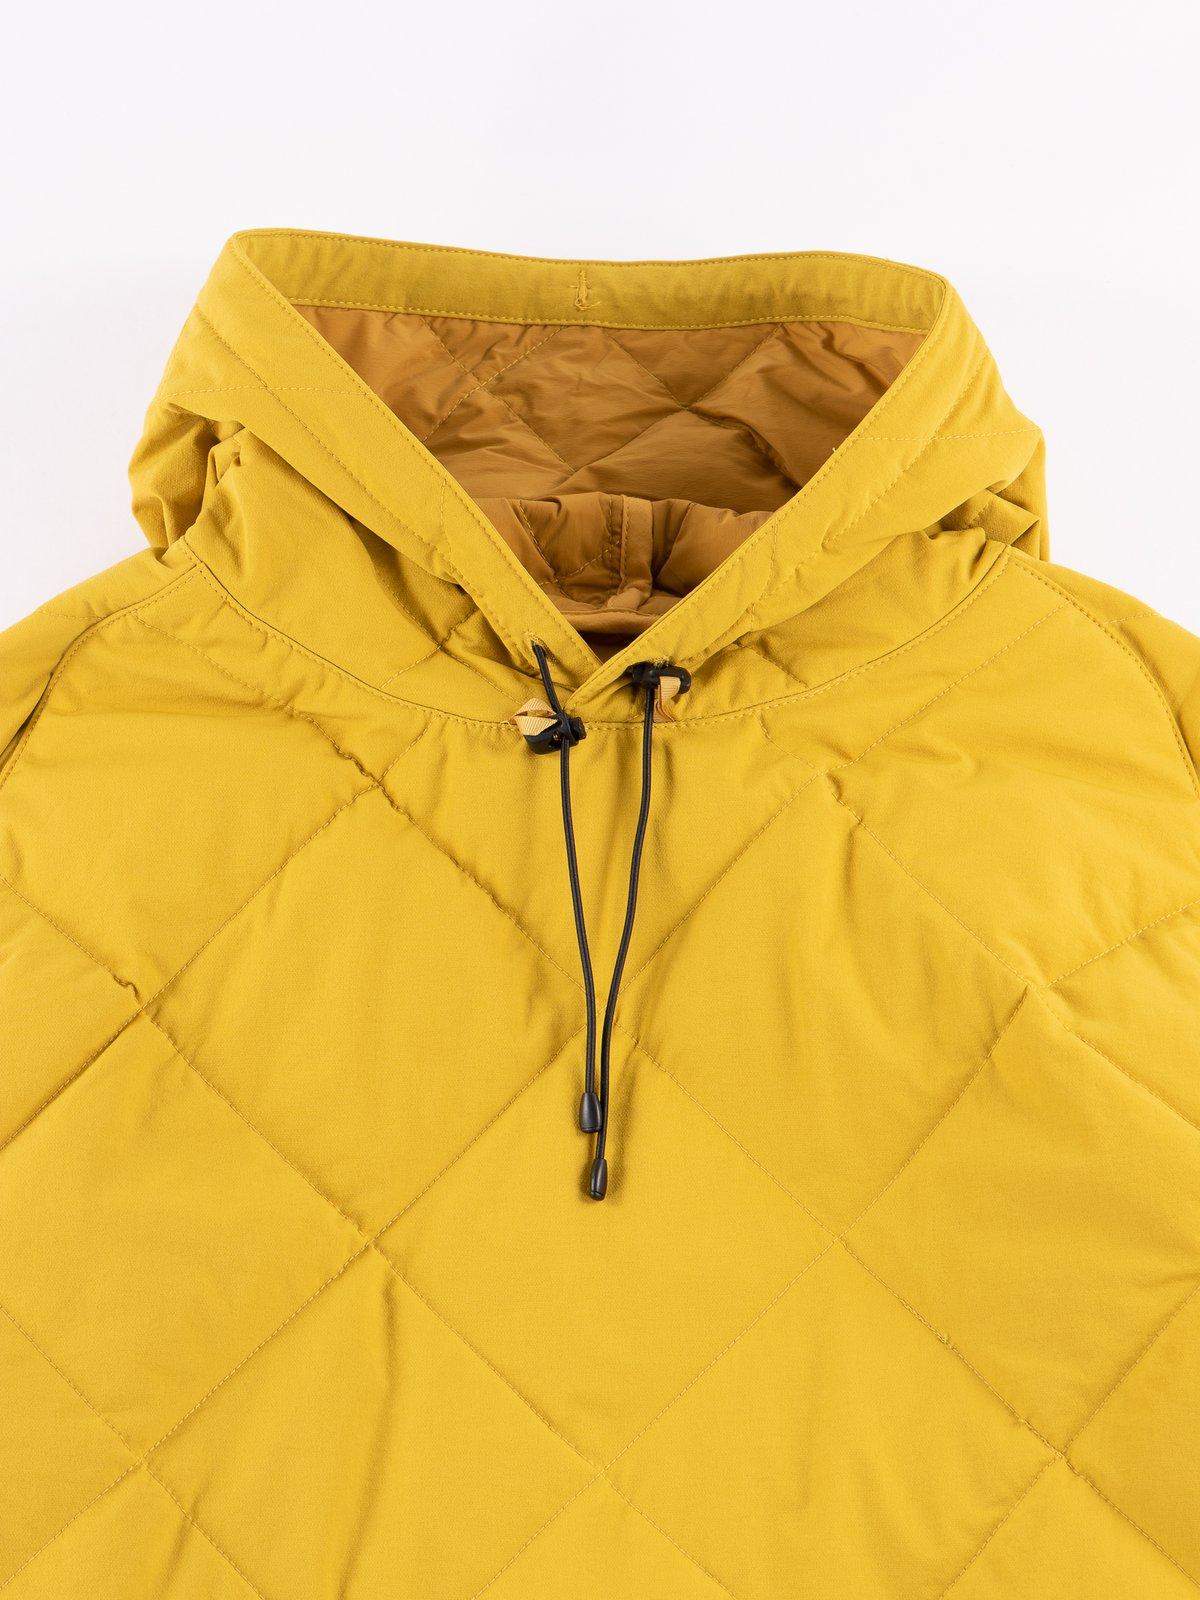 Mustard Flex Down Hoodie - Image 3